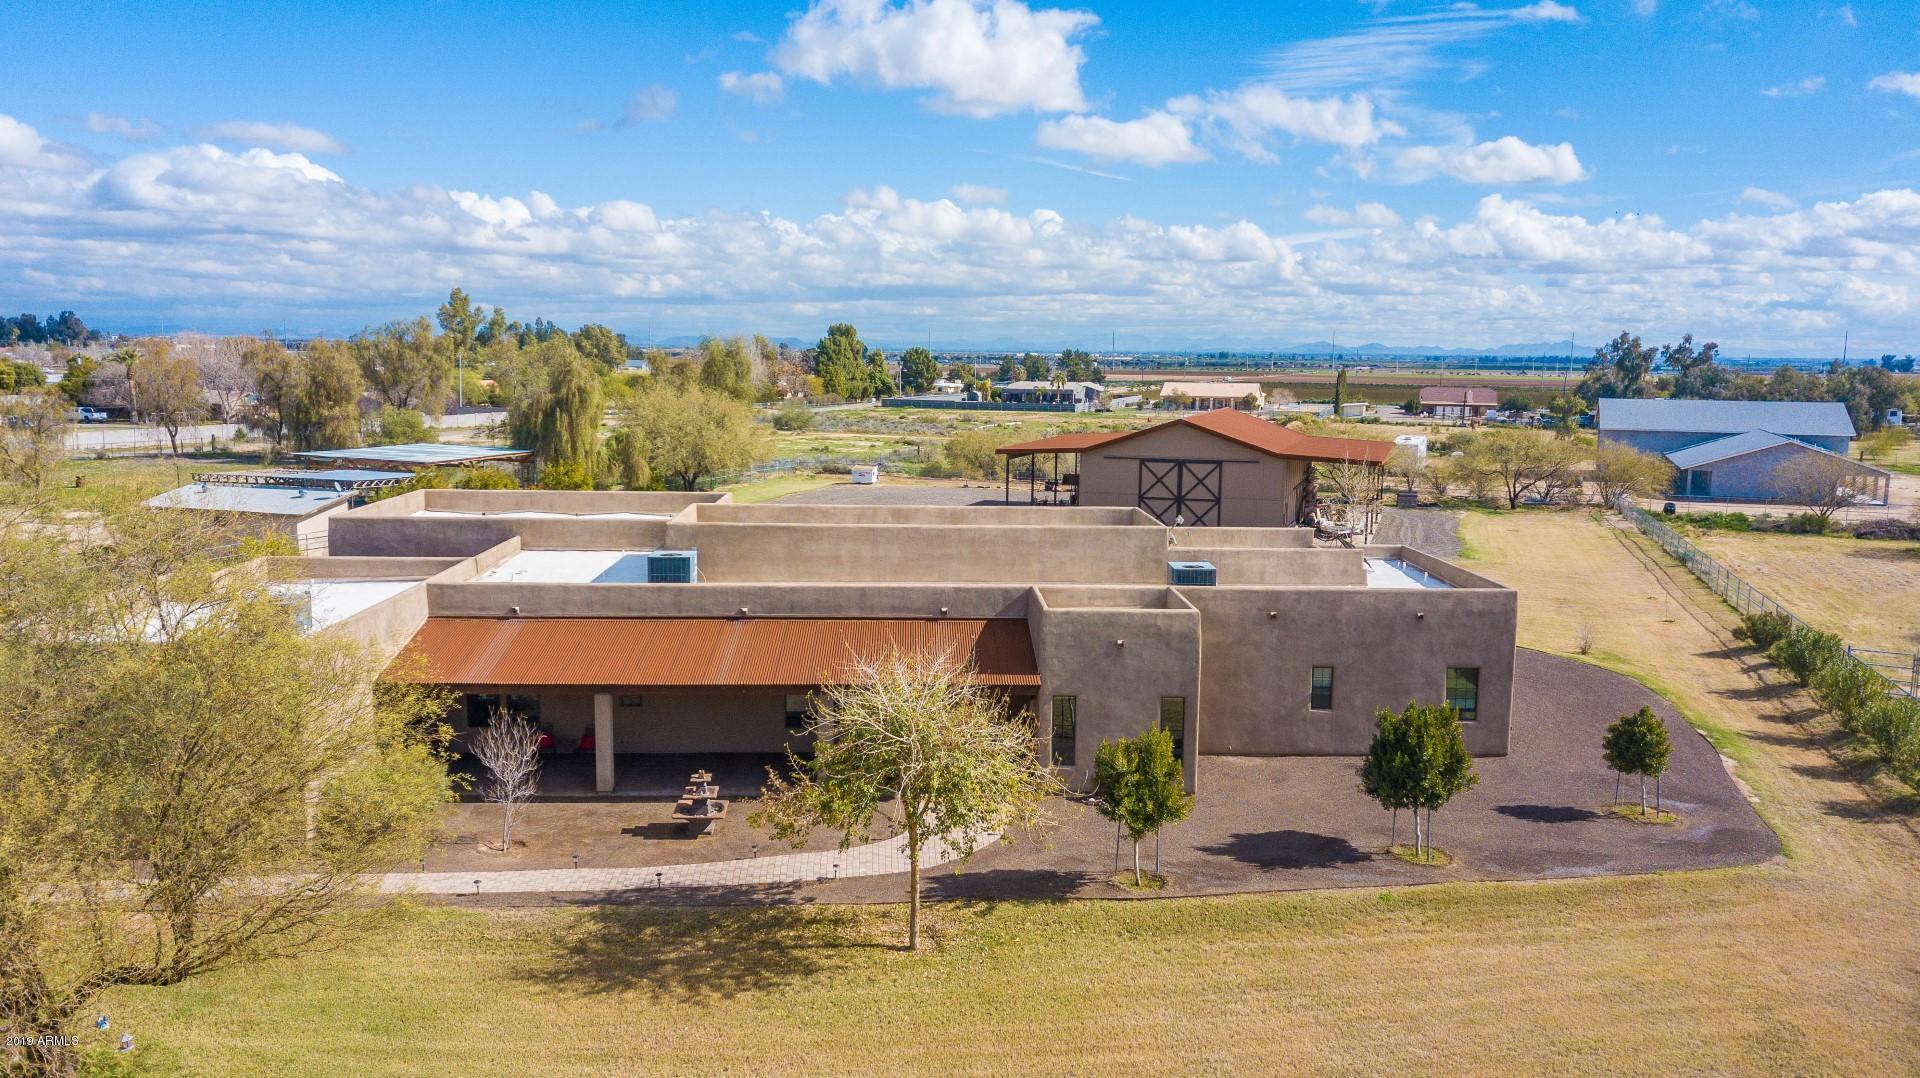 Photo of 9703 N 175TH Avenue, Waddell, AZ 85355